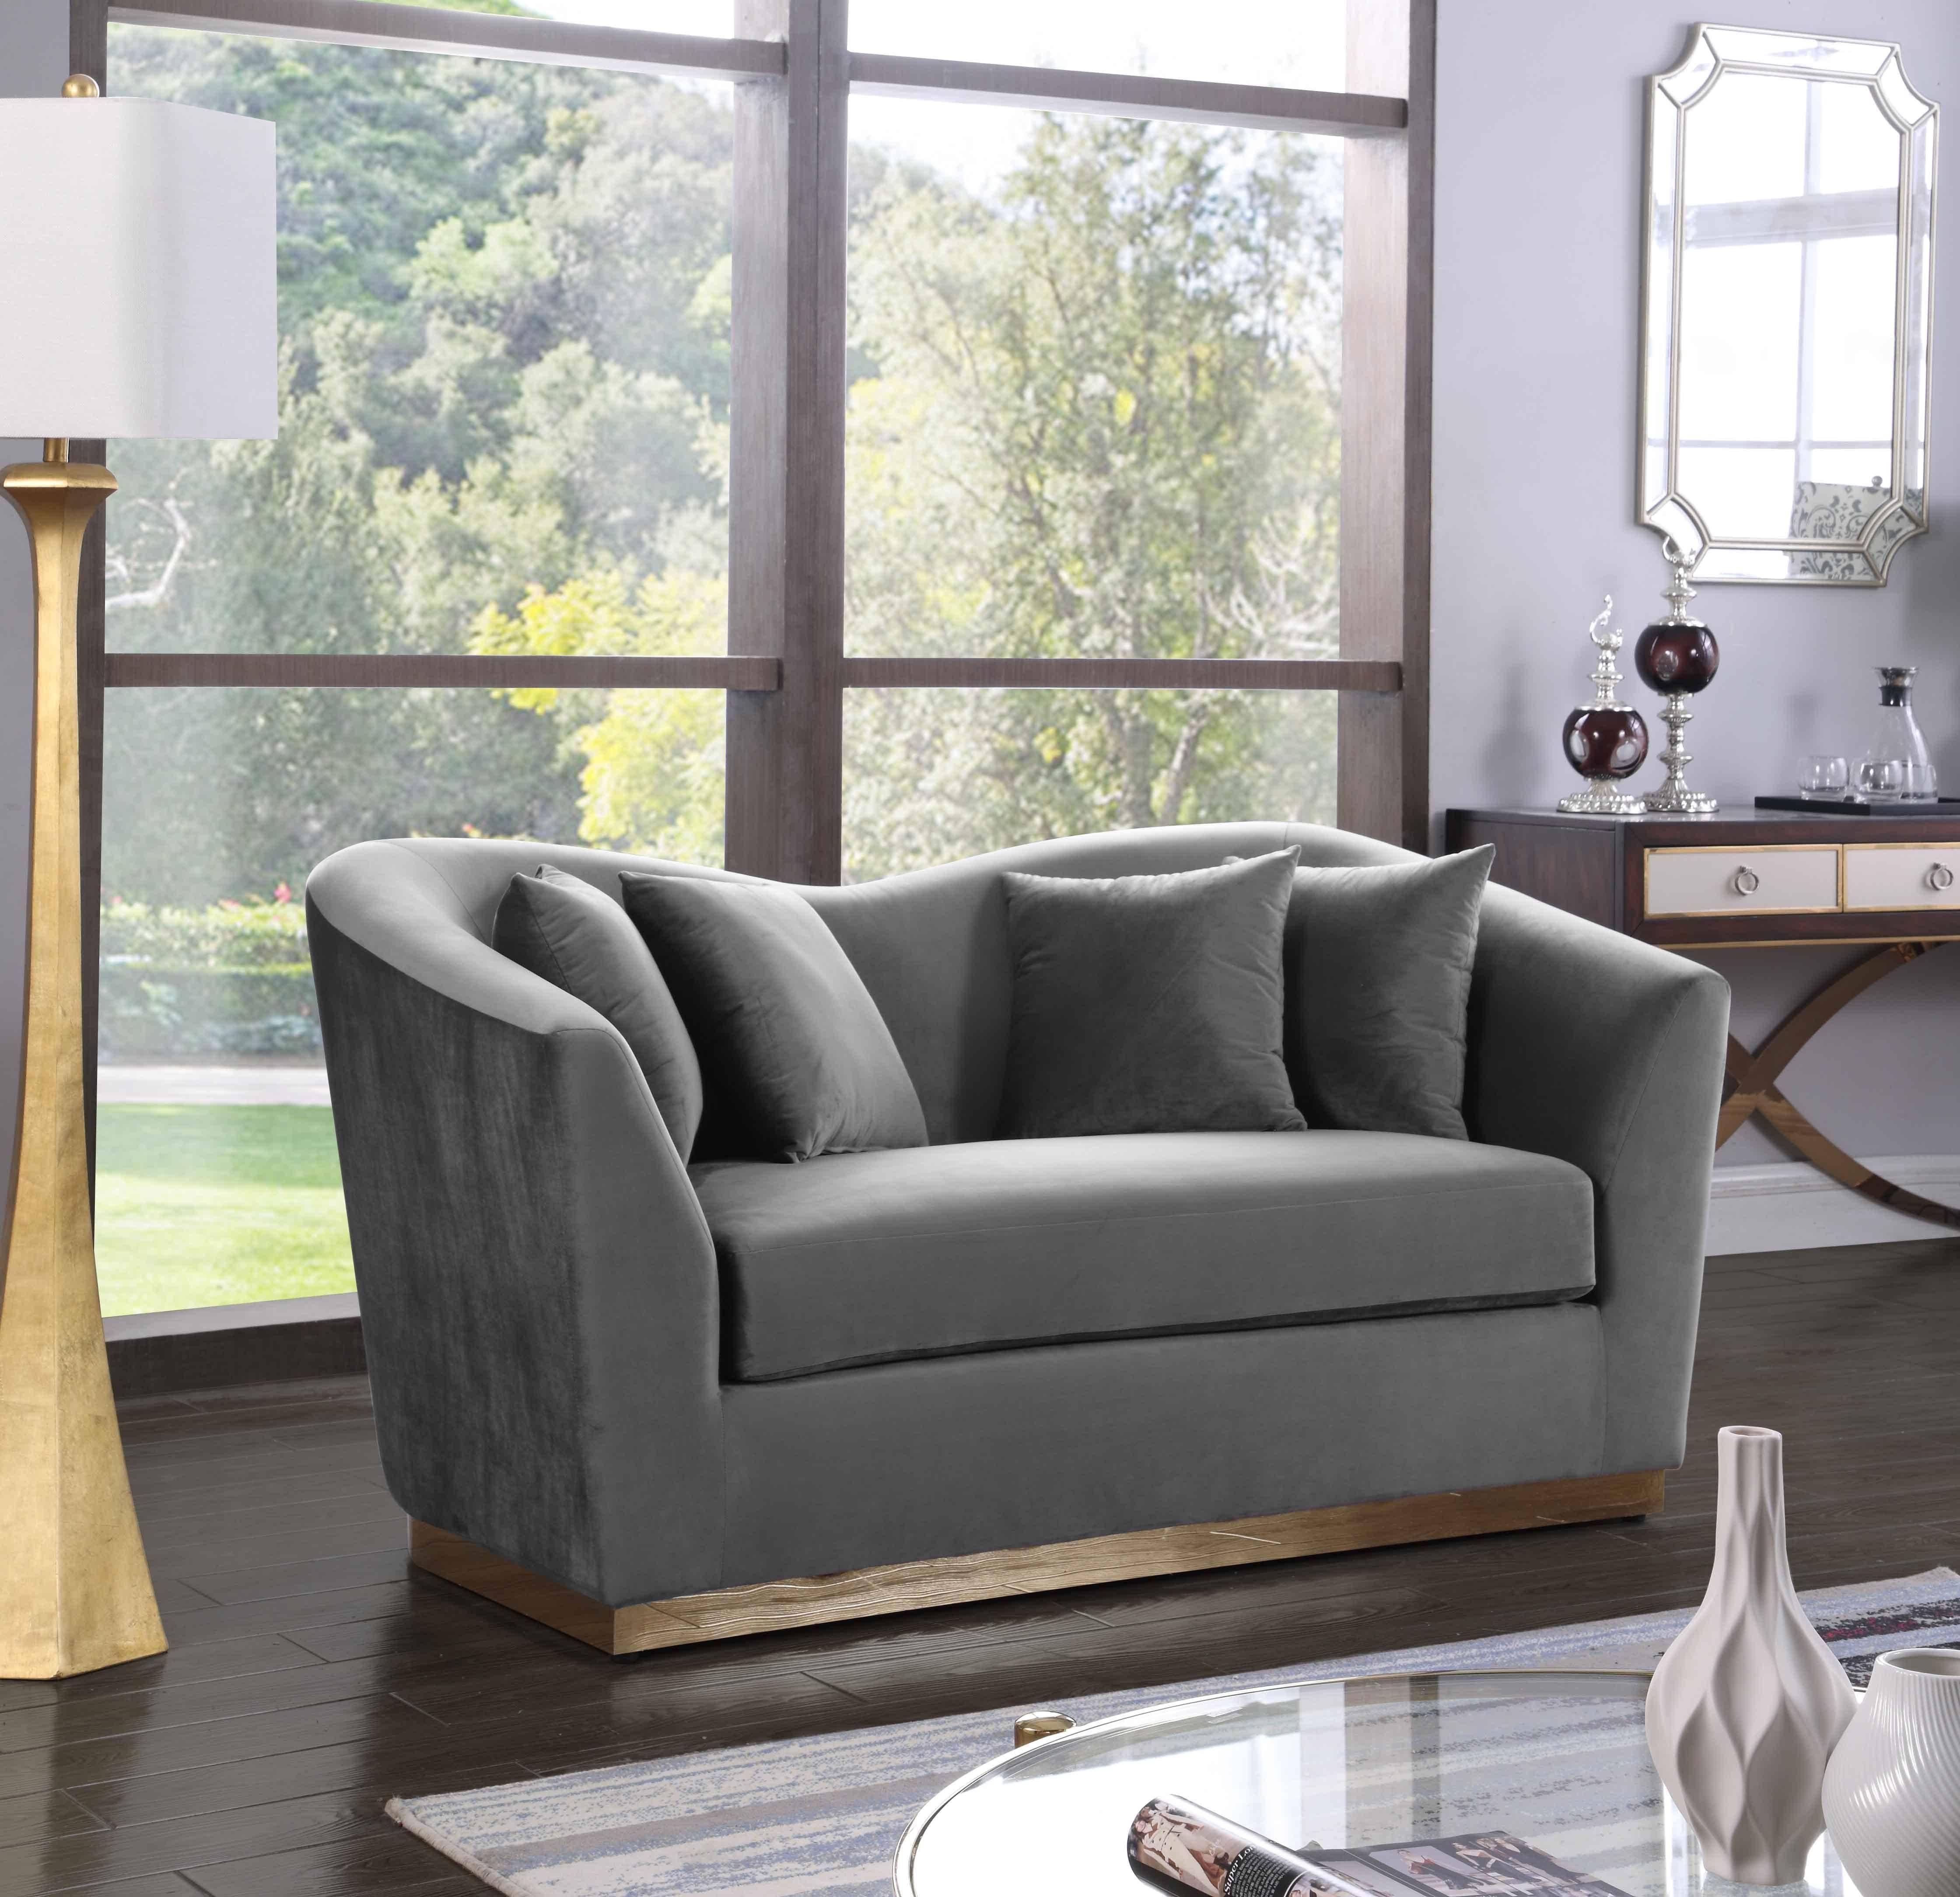 Buy Meridian Arabella 617 Sofa And Loveseat Set 2 Pcs In Gray Soft Velvet Online